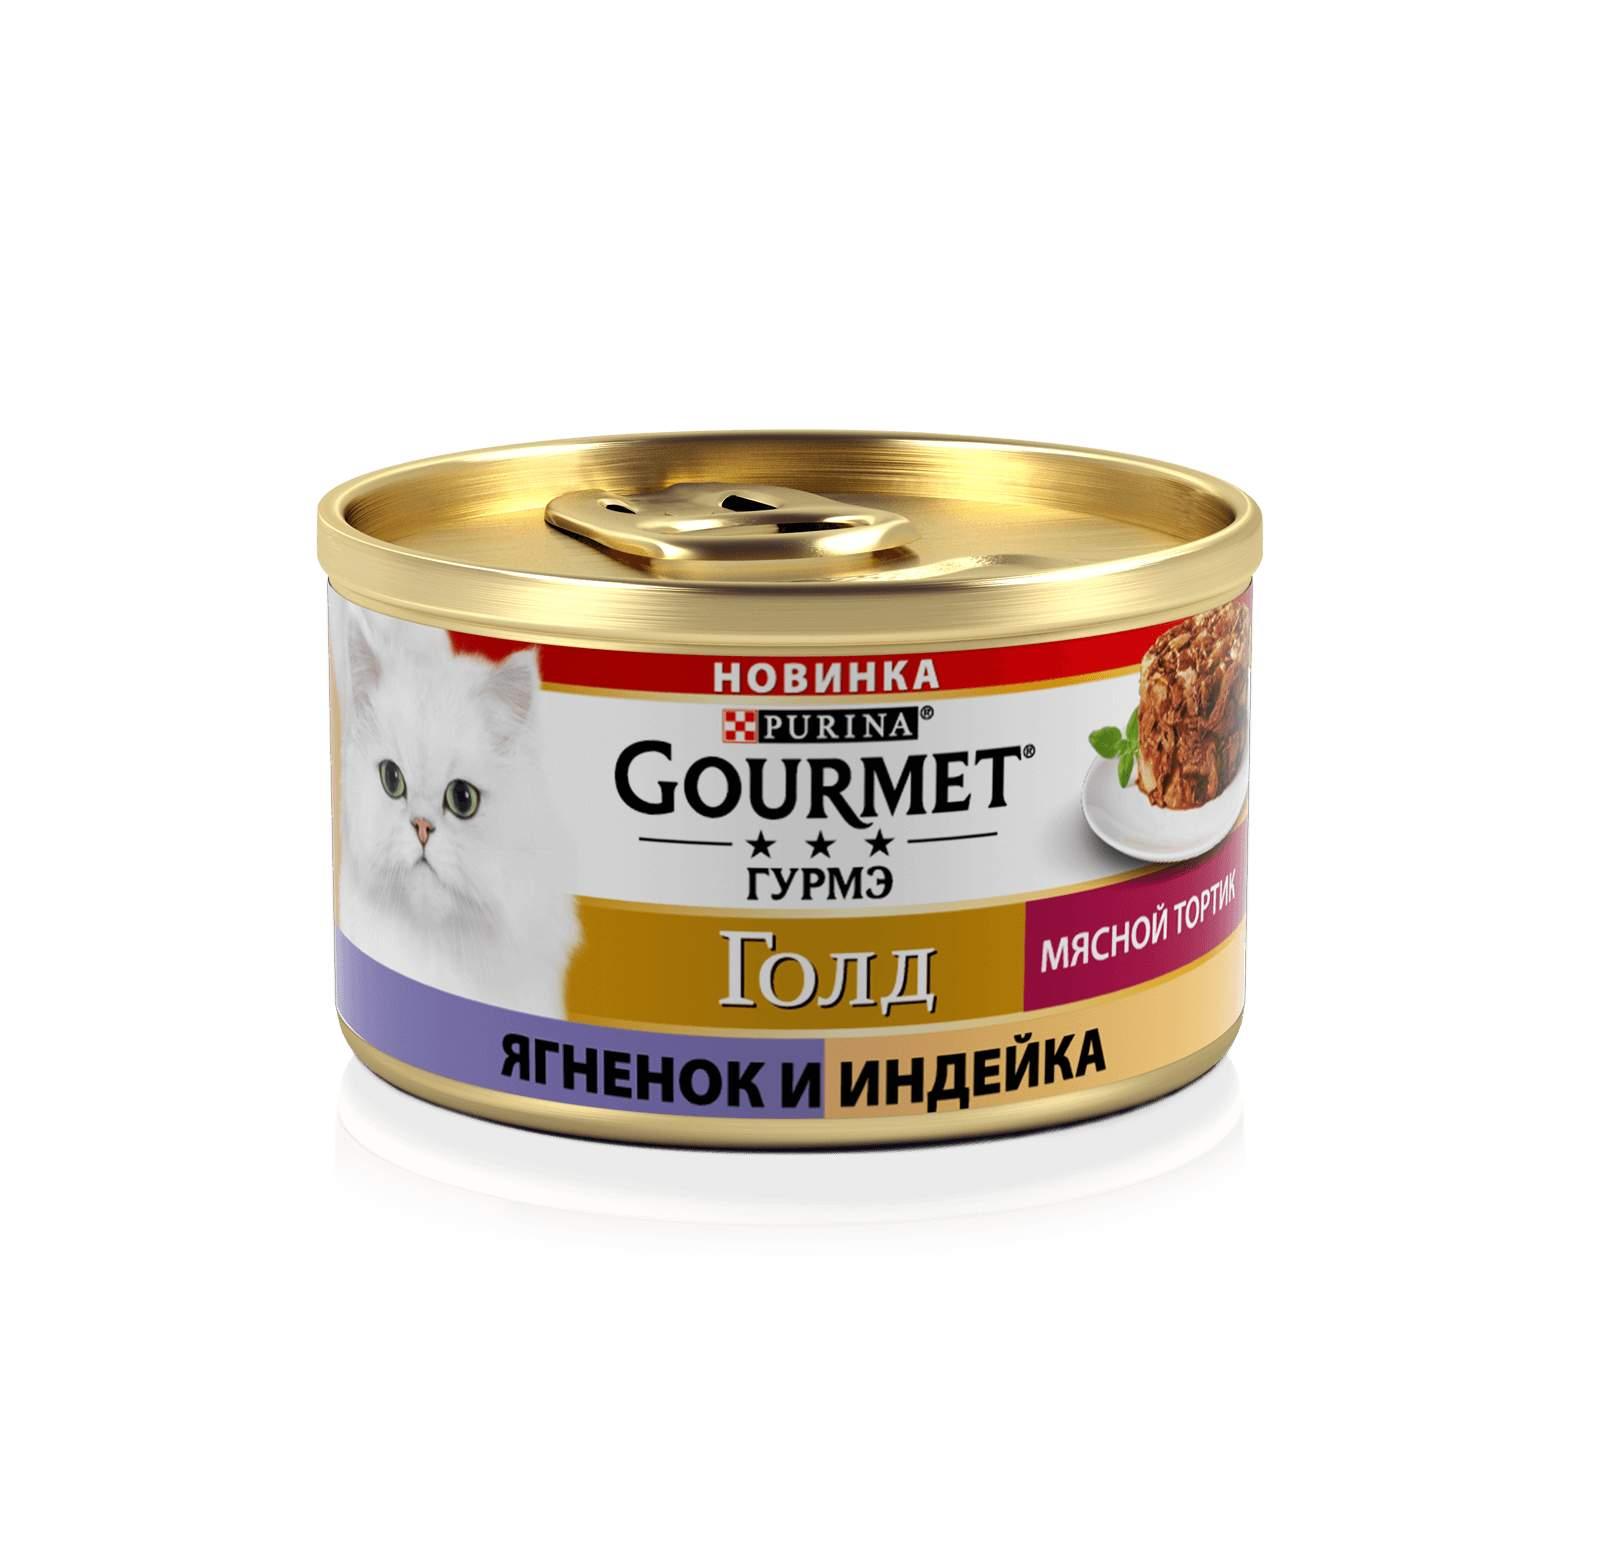 GOURMET Gold Мясной Тортик для кошек ягненок и индейка 85 г